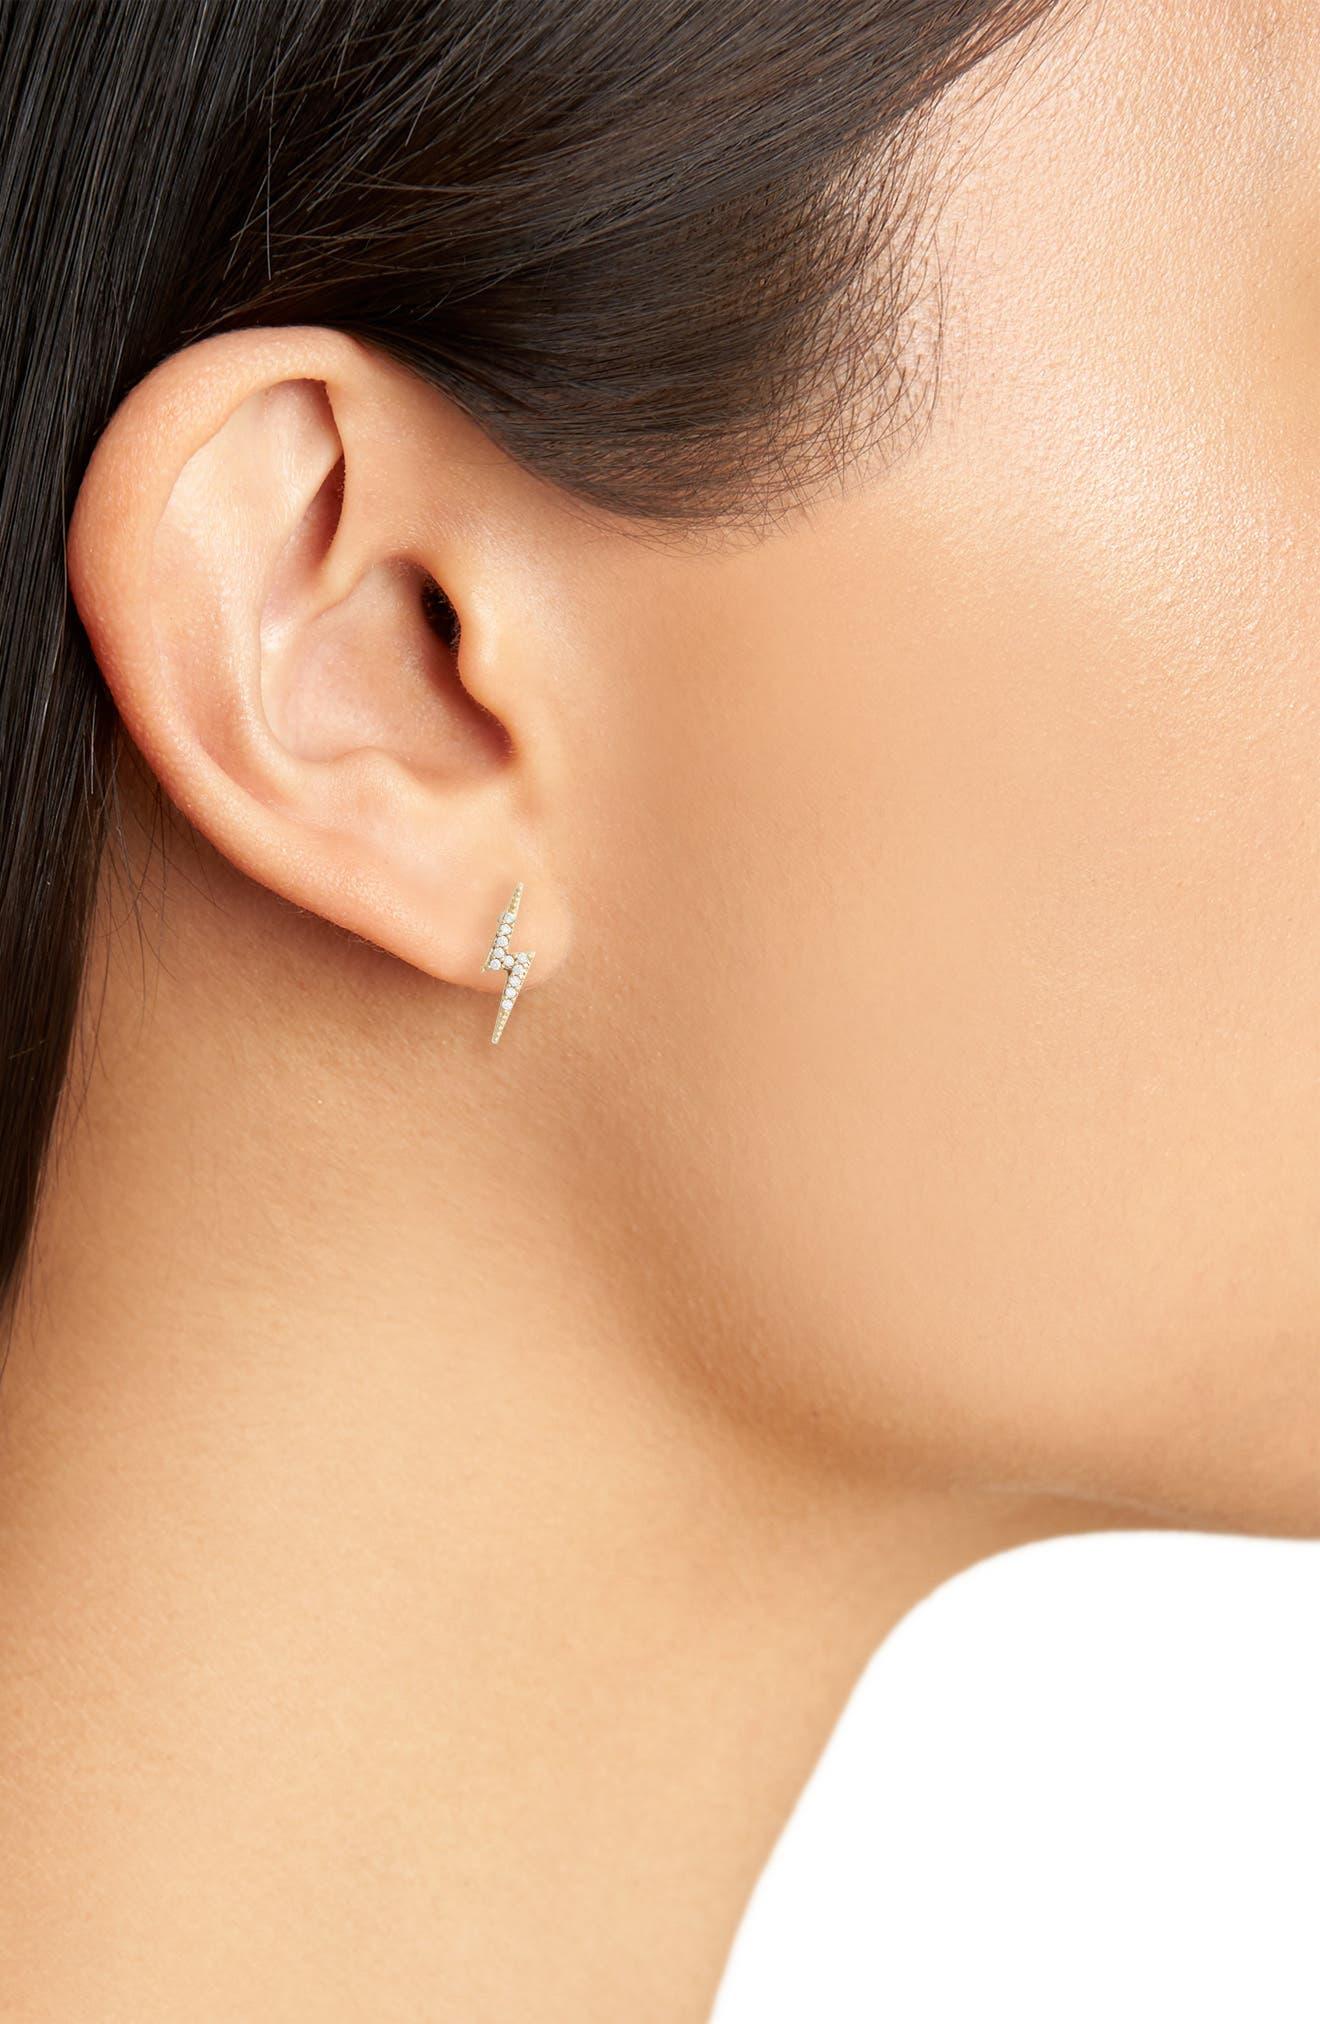 Crystal Lightning Bolt Stud Earrings,                             Alternate thumbnail 2, color,                             GOLD